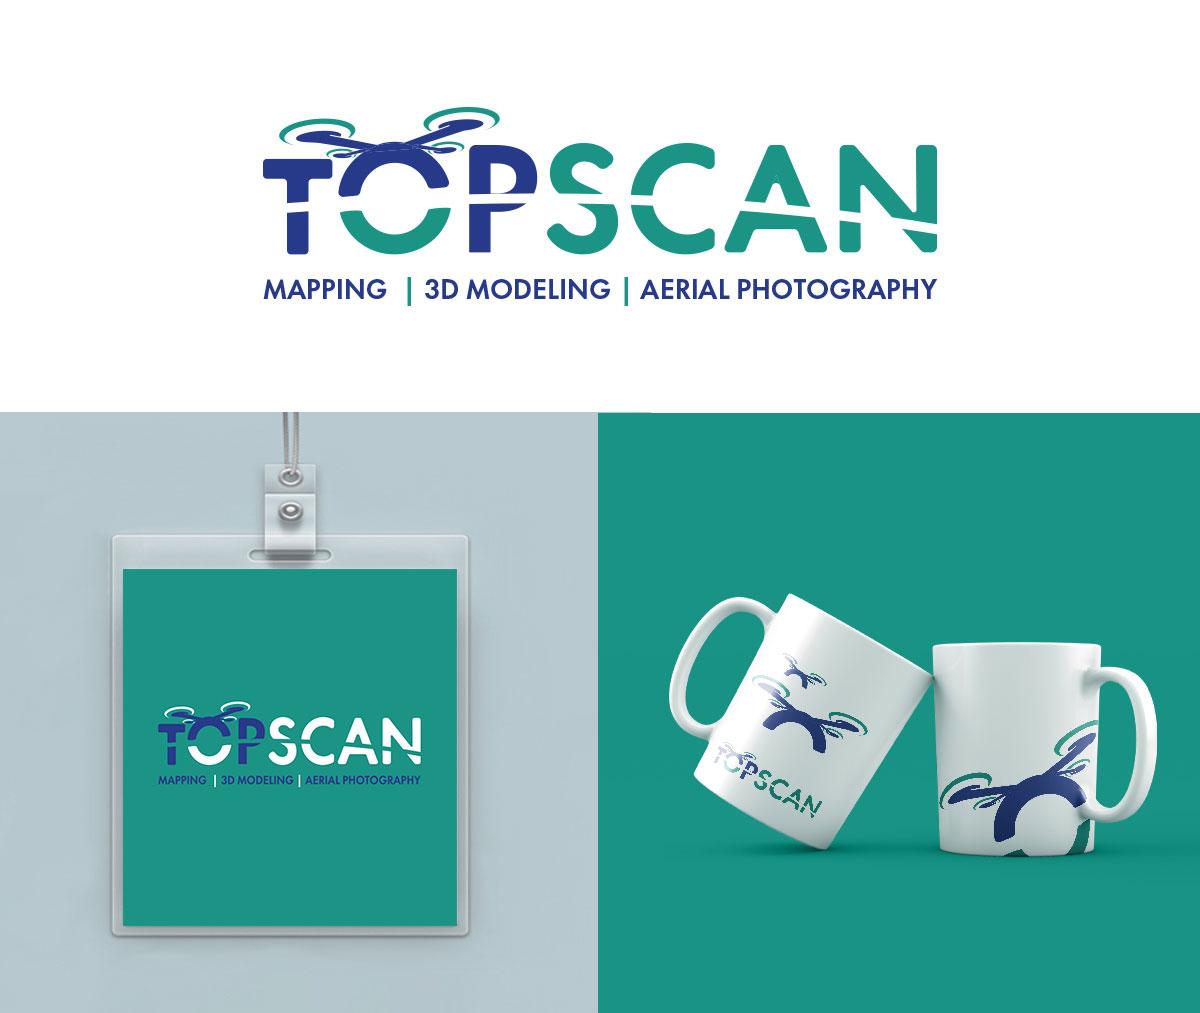 עיצוב גרפי לוגו